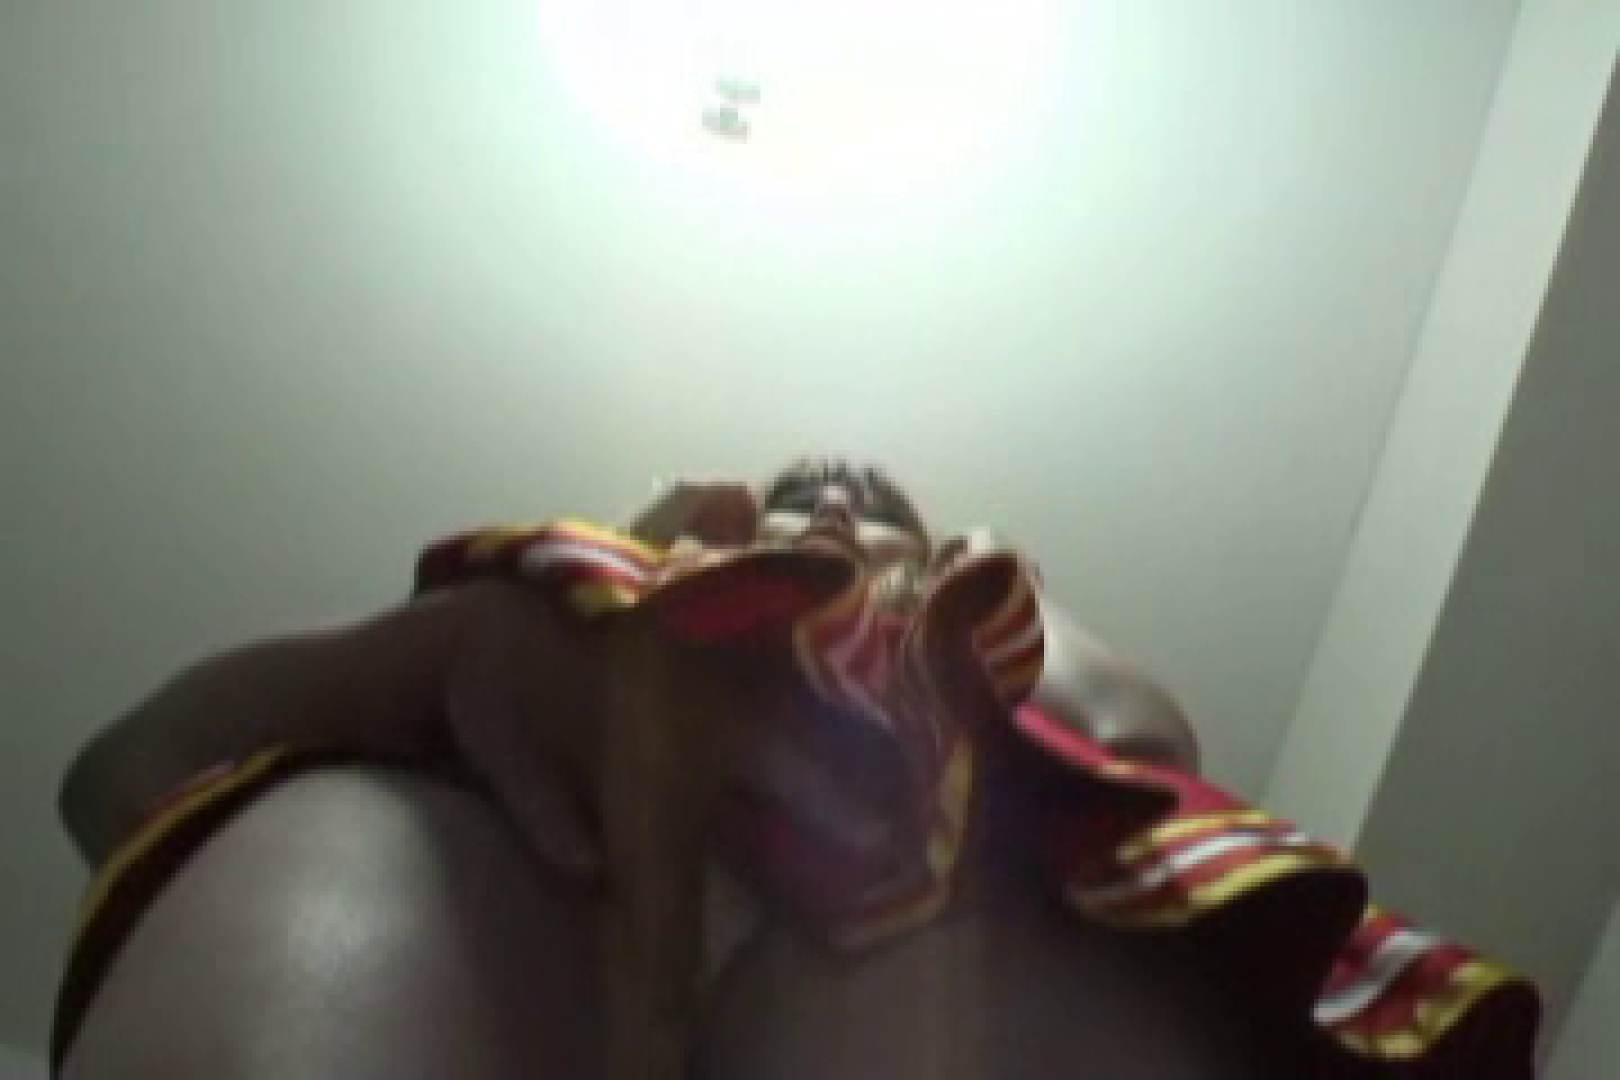 パンツ売りの女の子 ゆづきちゃんvol.2 一般投稿 オマンコ無修正動画無料 112pic 110